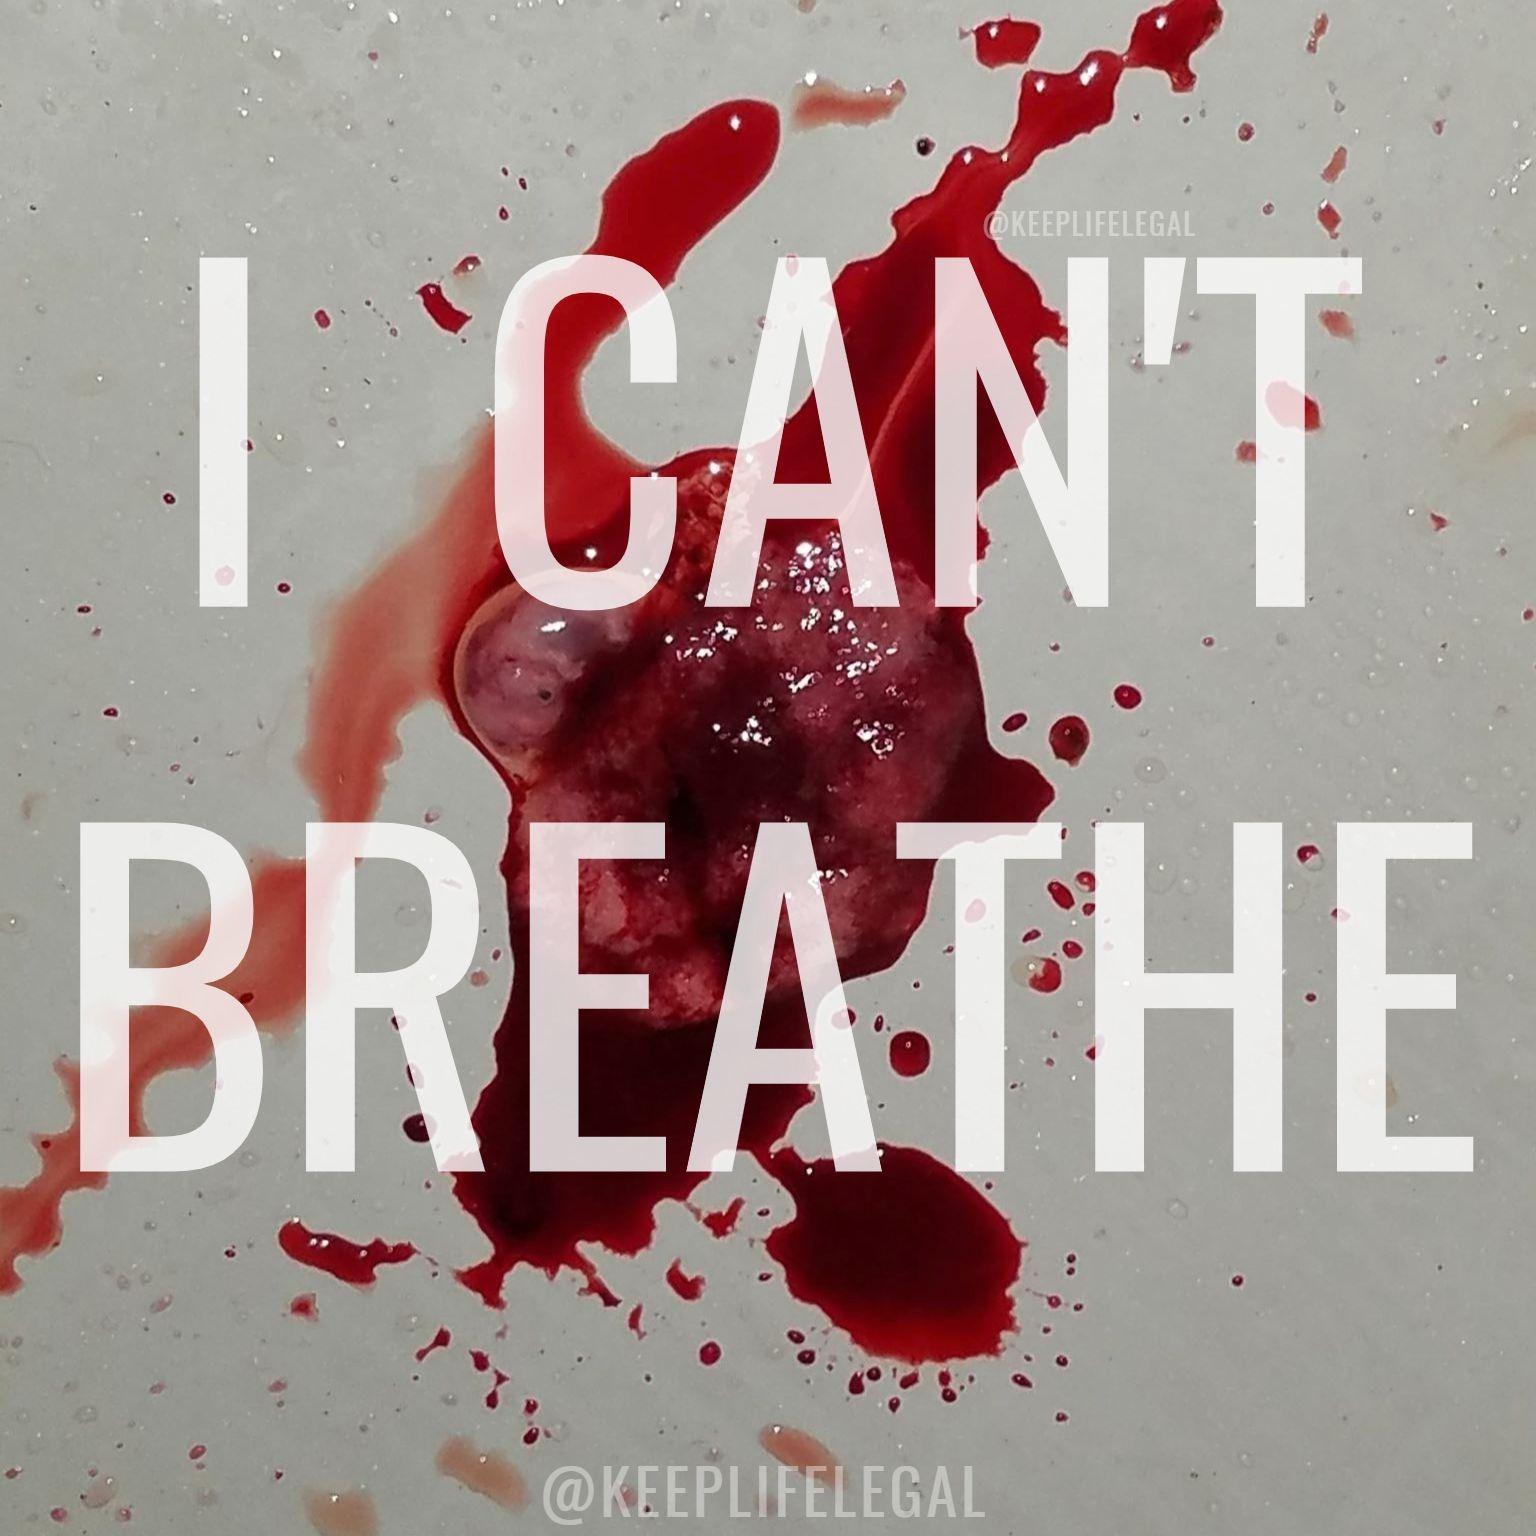 icantbreathe - Copy